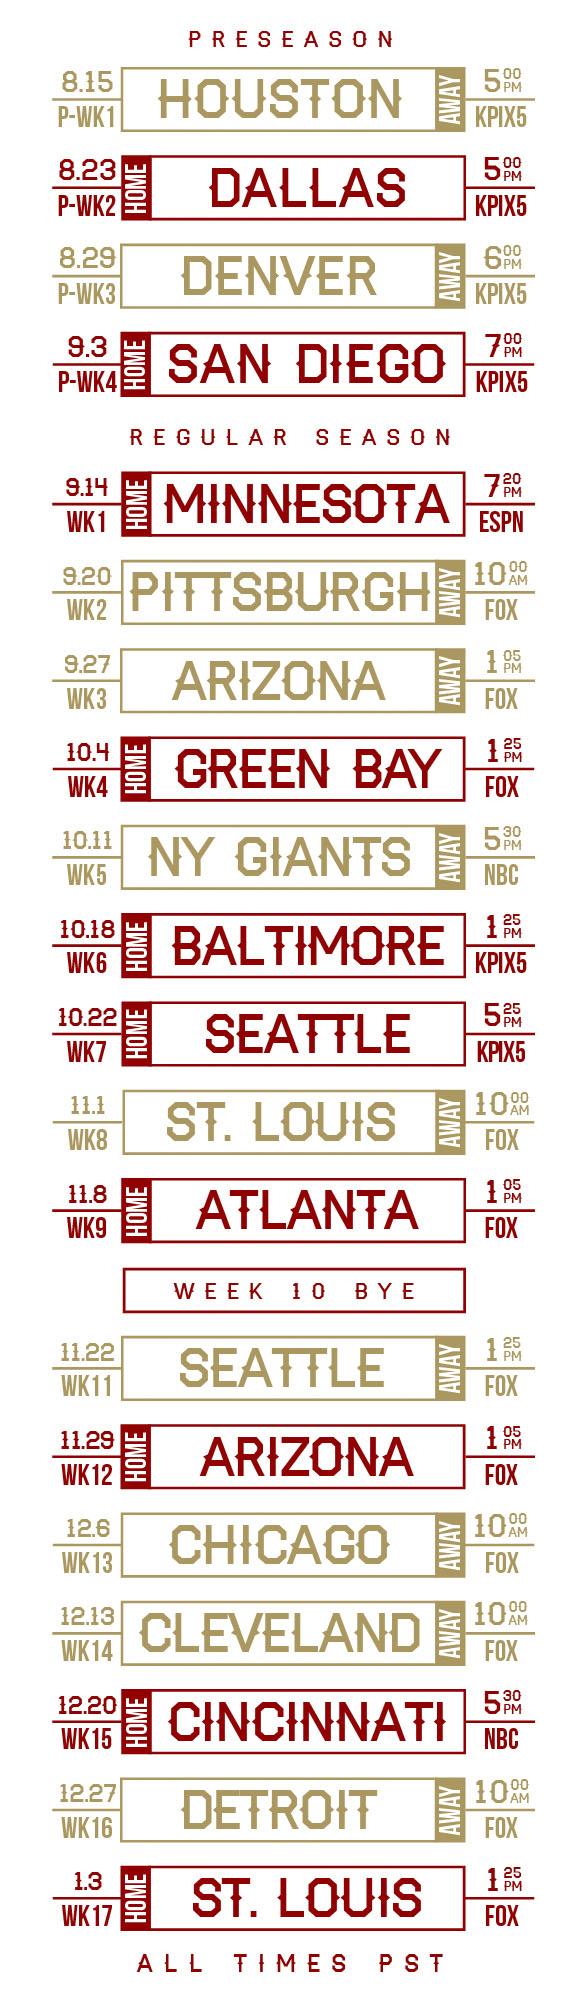 Sf giants 2015 schedule wallpaper wallpapersafari - 2015 49ers schedule wallpaper ...